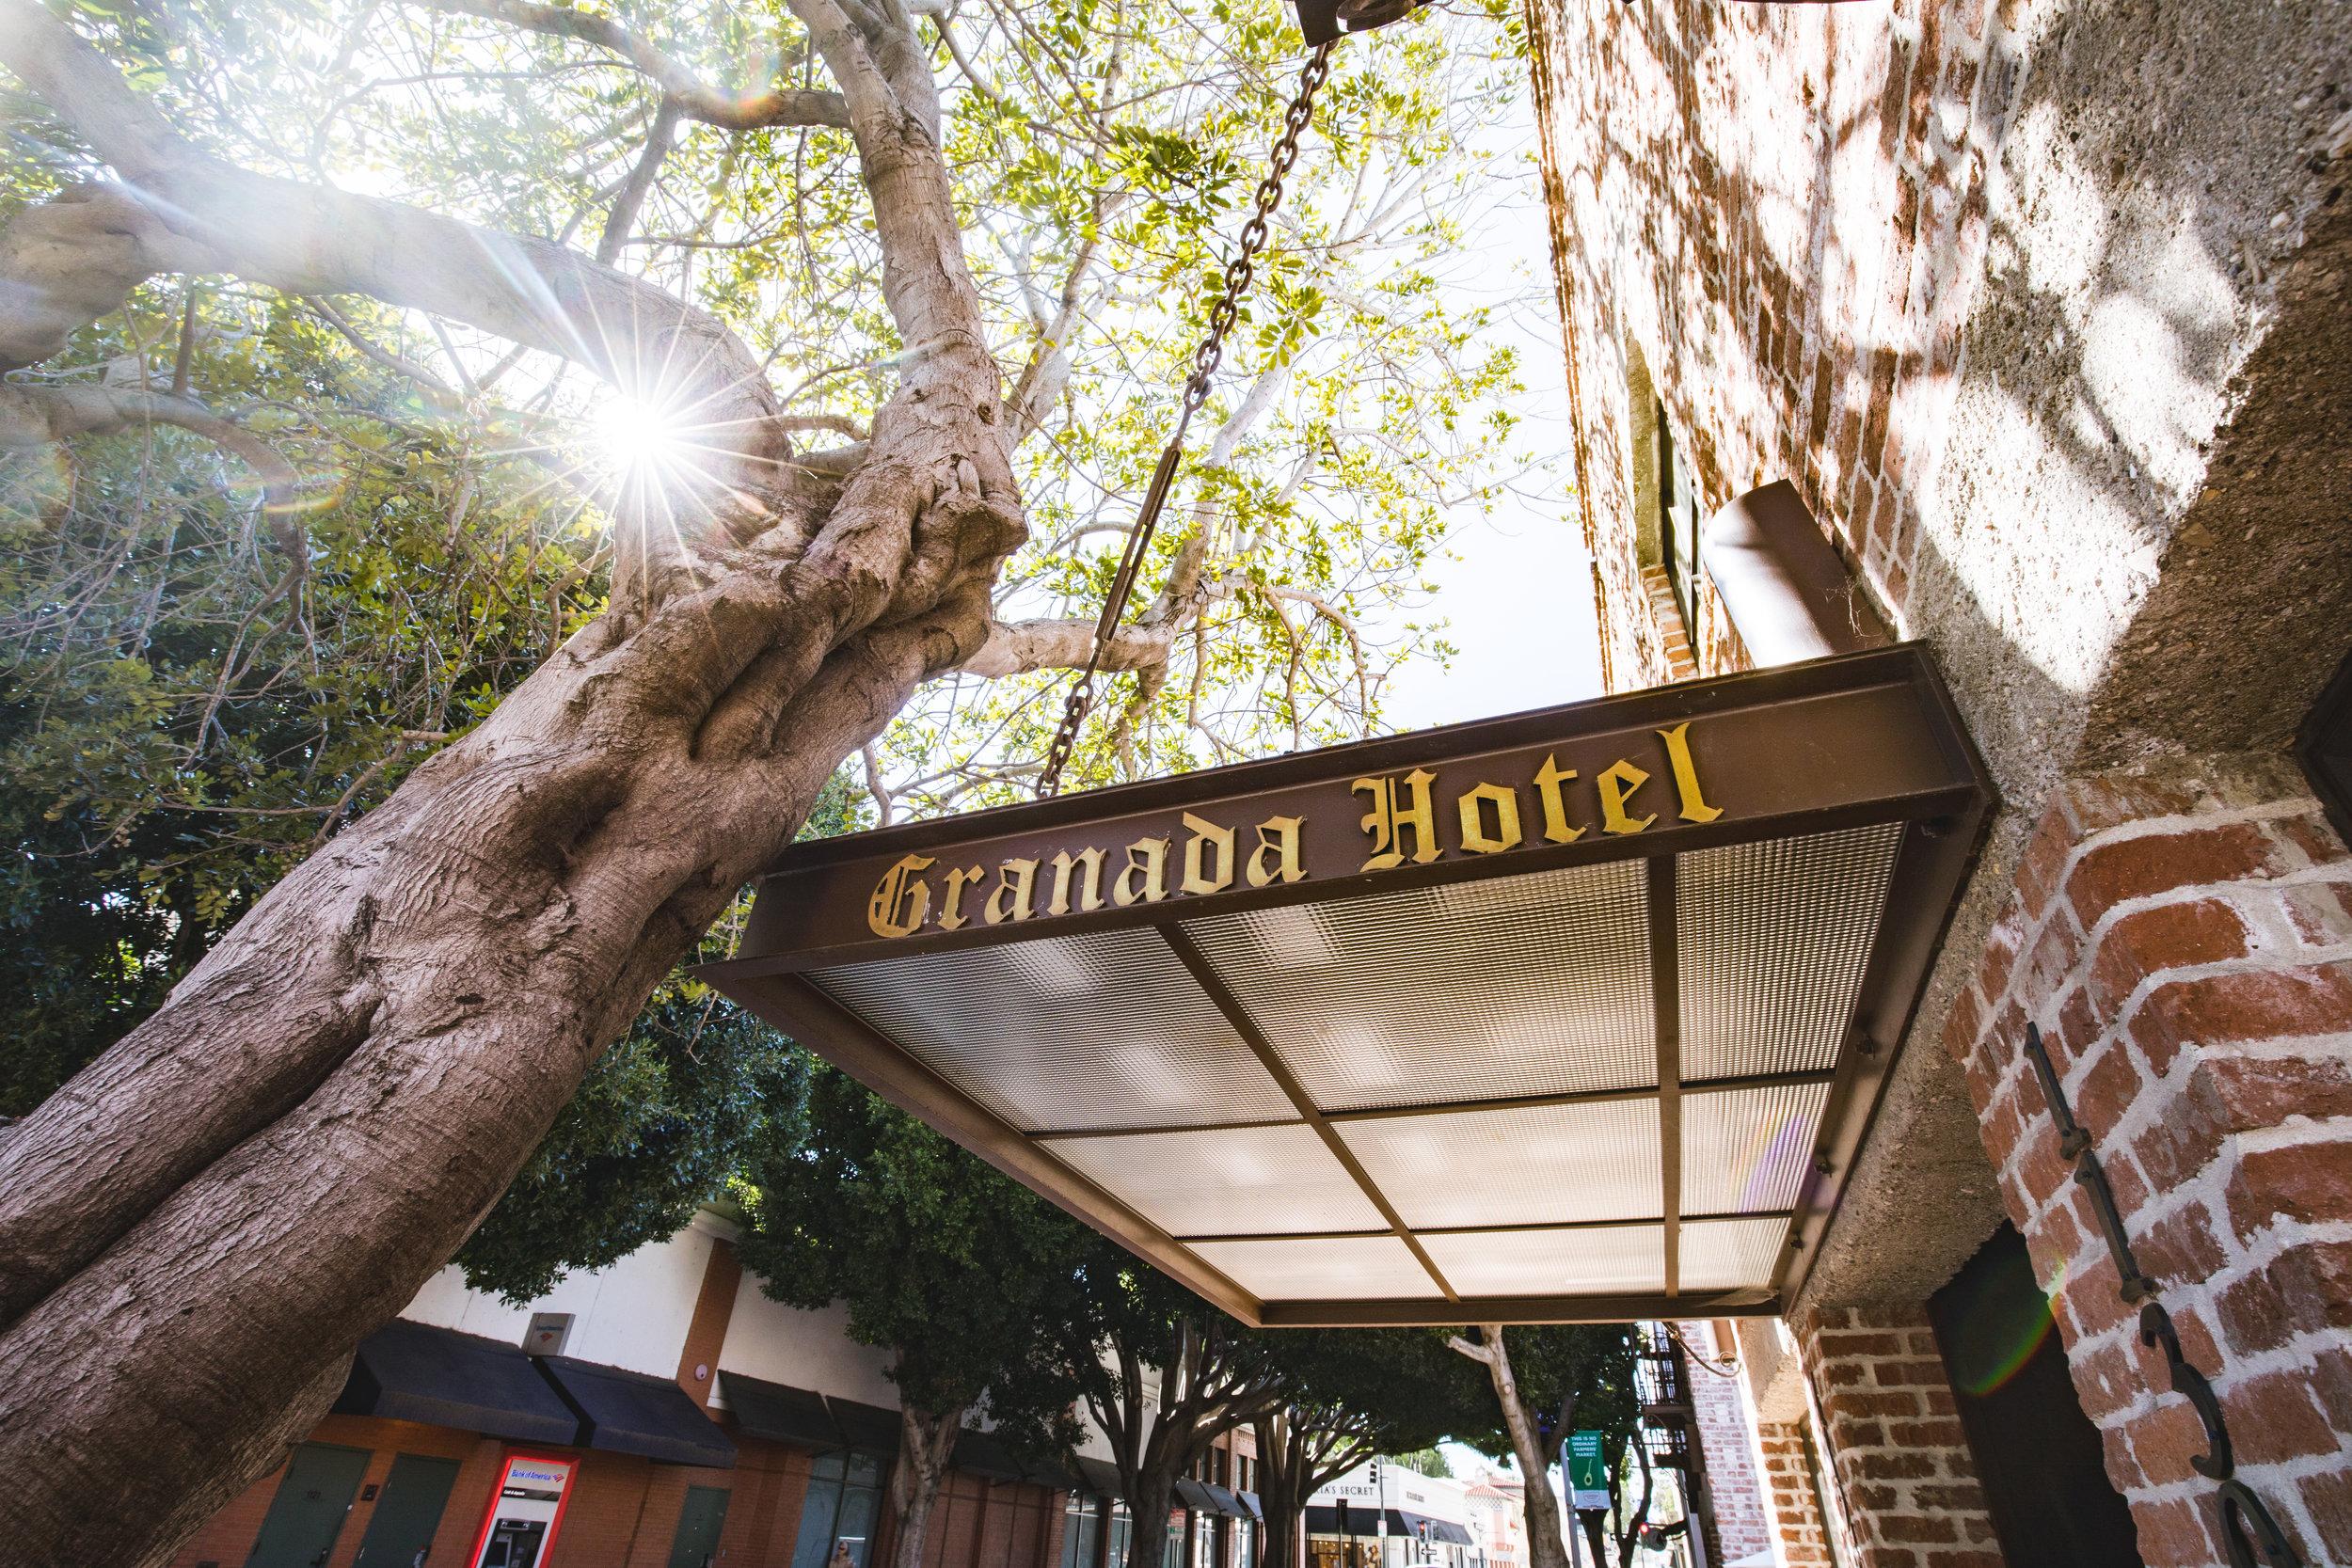 GRANADA HOTEL - SAN LUIS OBISPO, CA